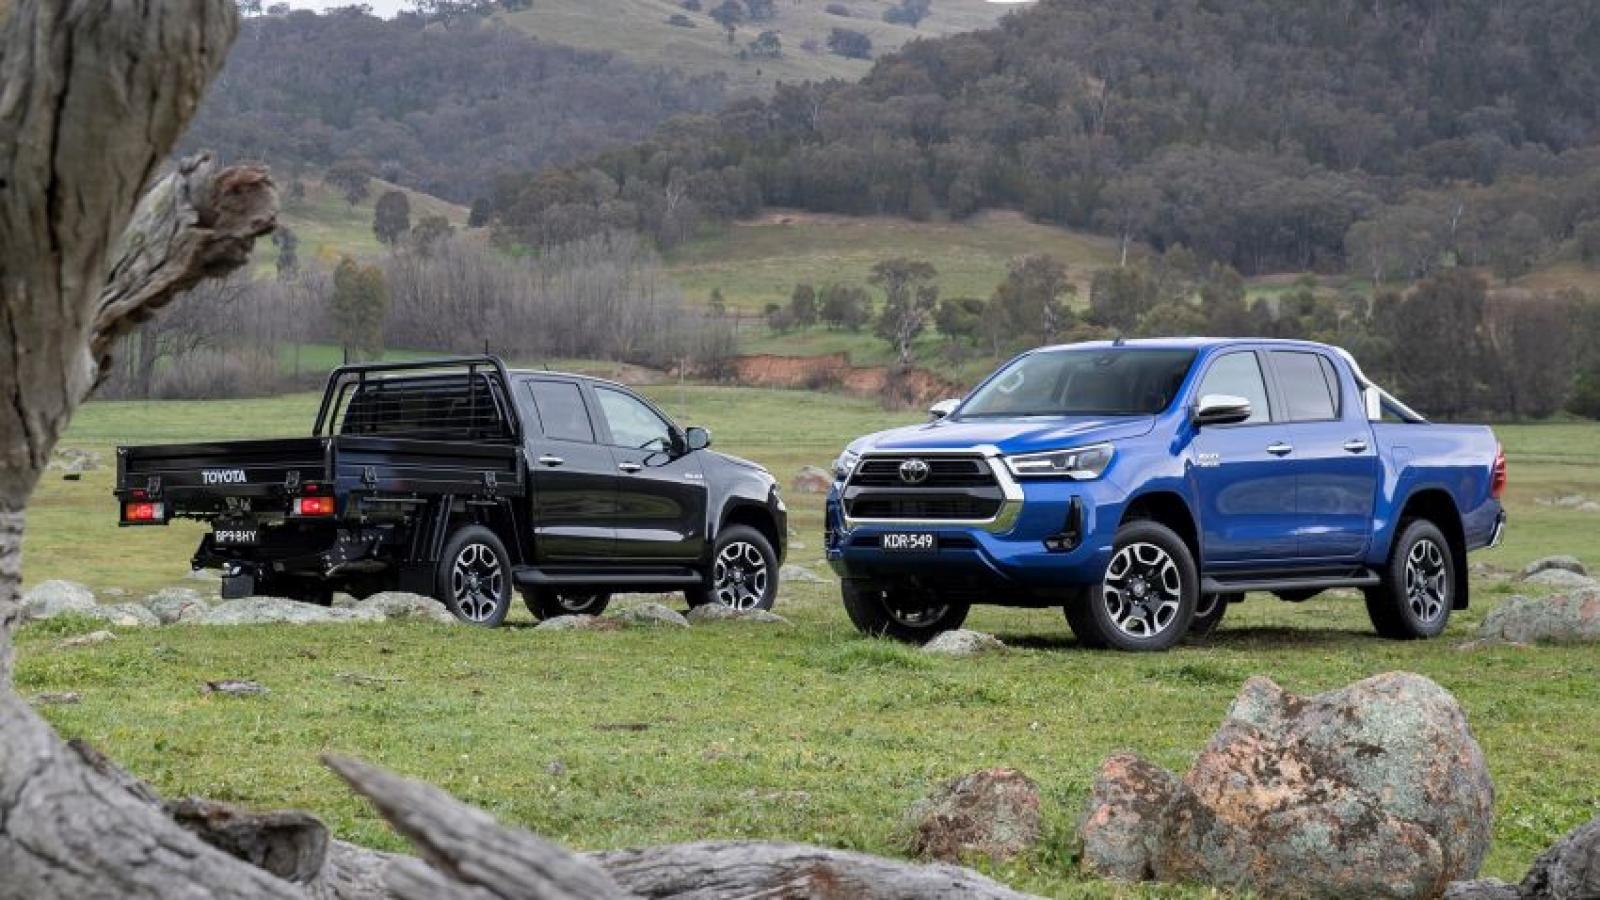 Toyota ra mắt phiên bản nâng cấp của Hilux và Fortuner